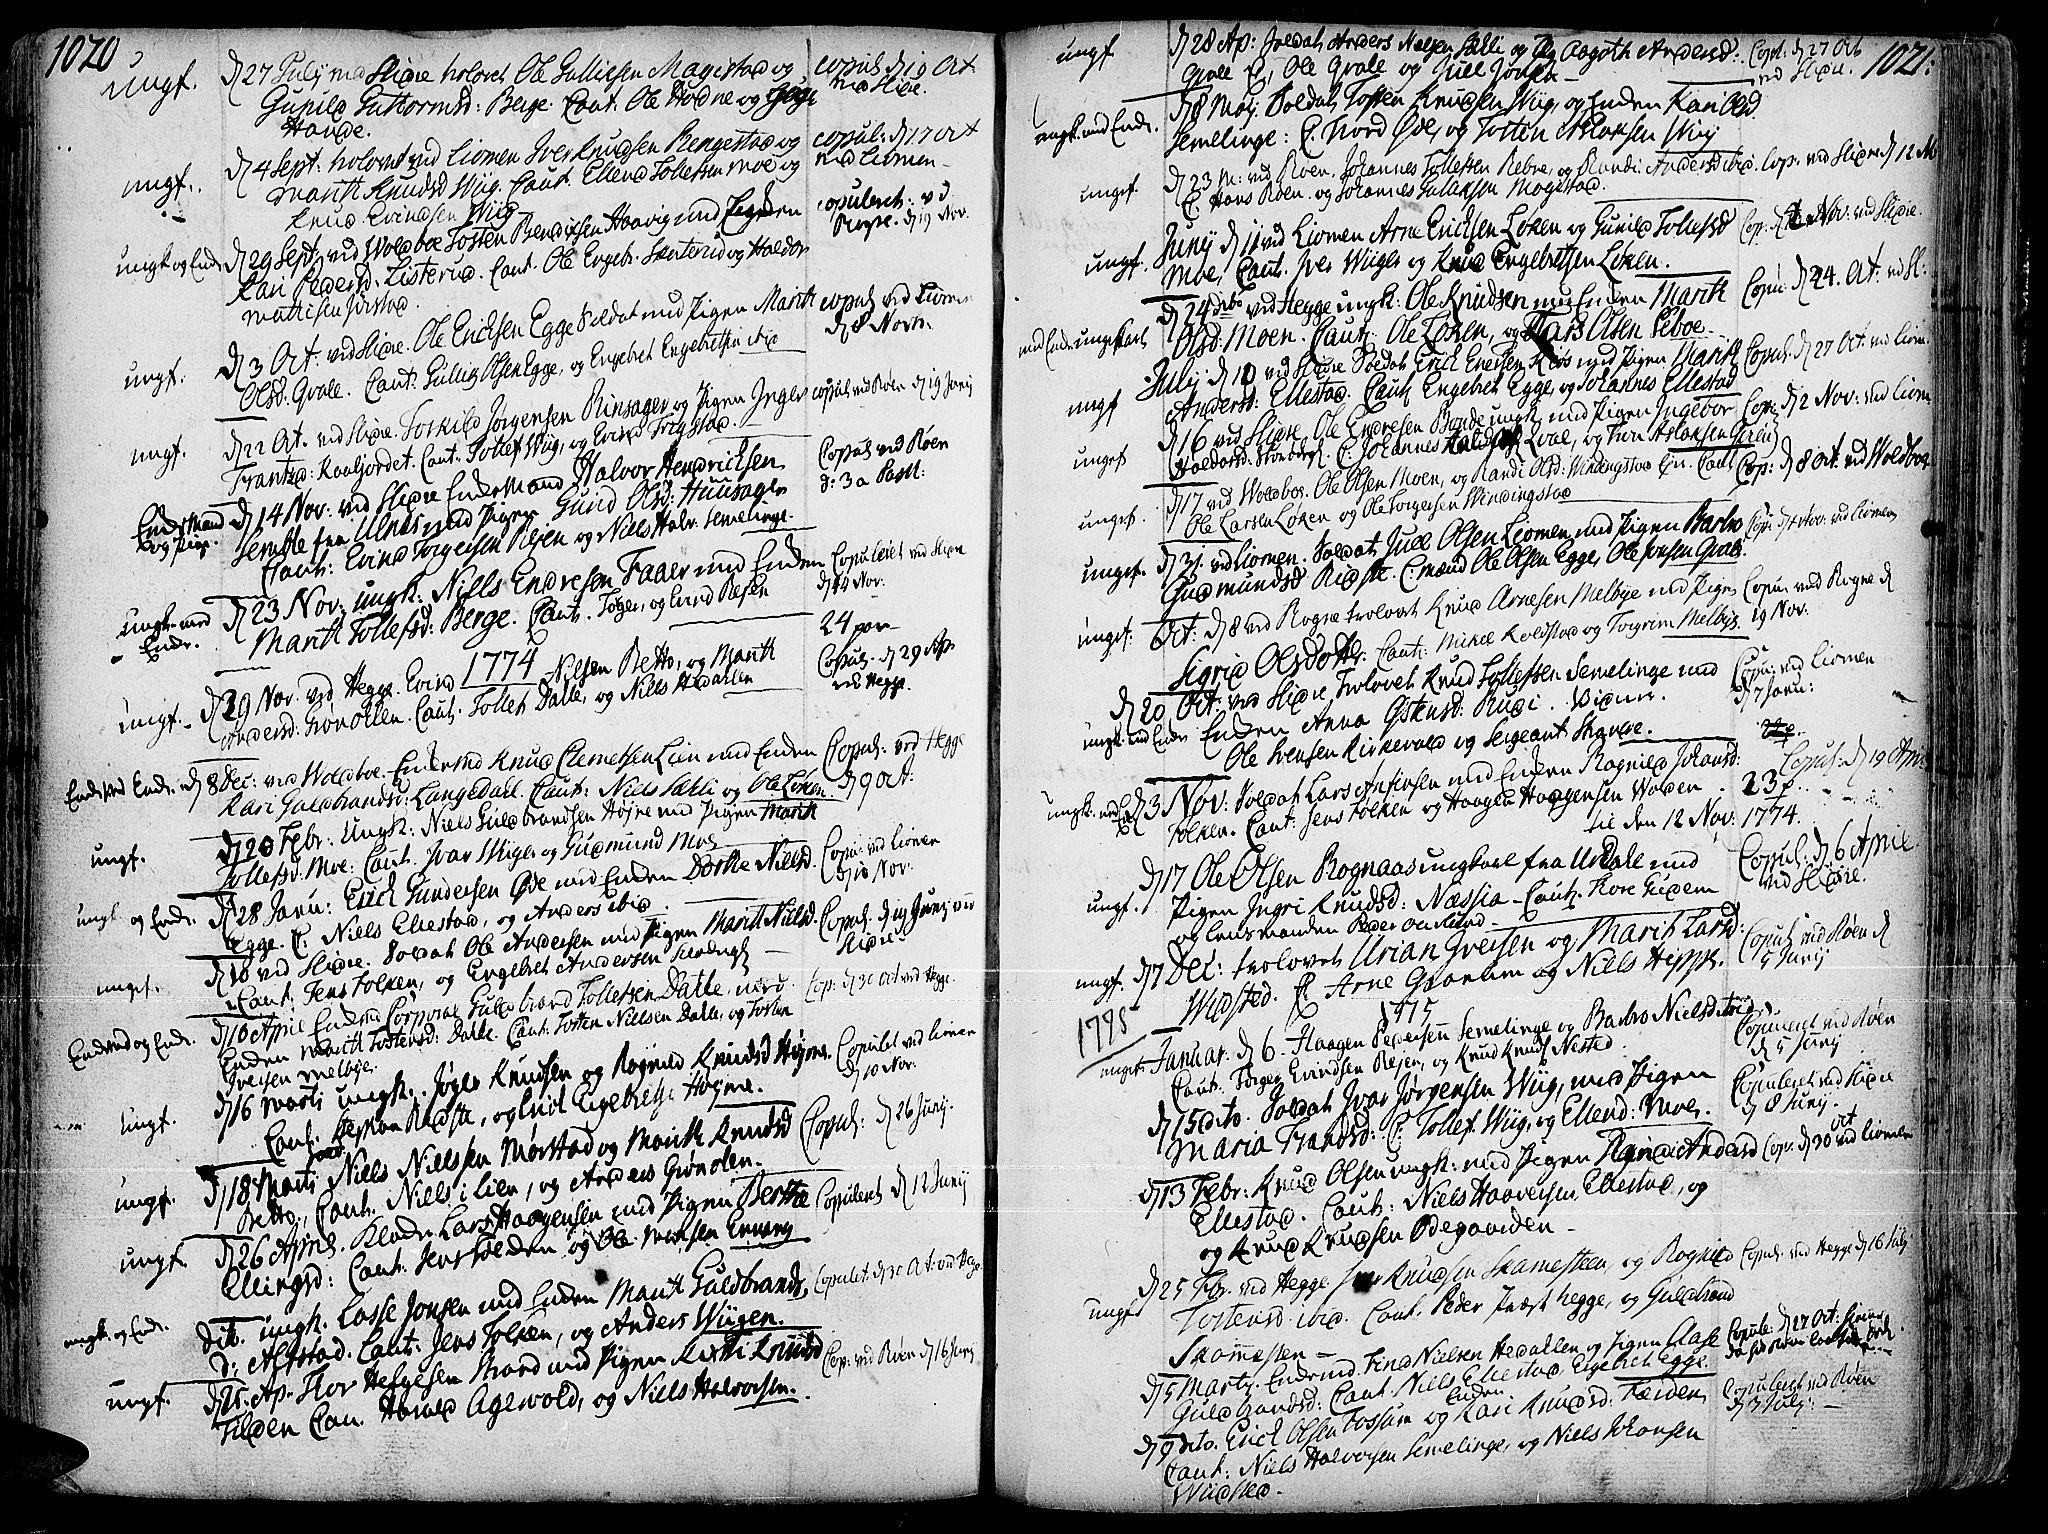 SAH, Slidre prestekontor, Ministerialbok nr. 1, 1724-1814, s. 1020-1021